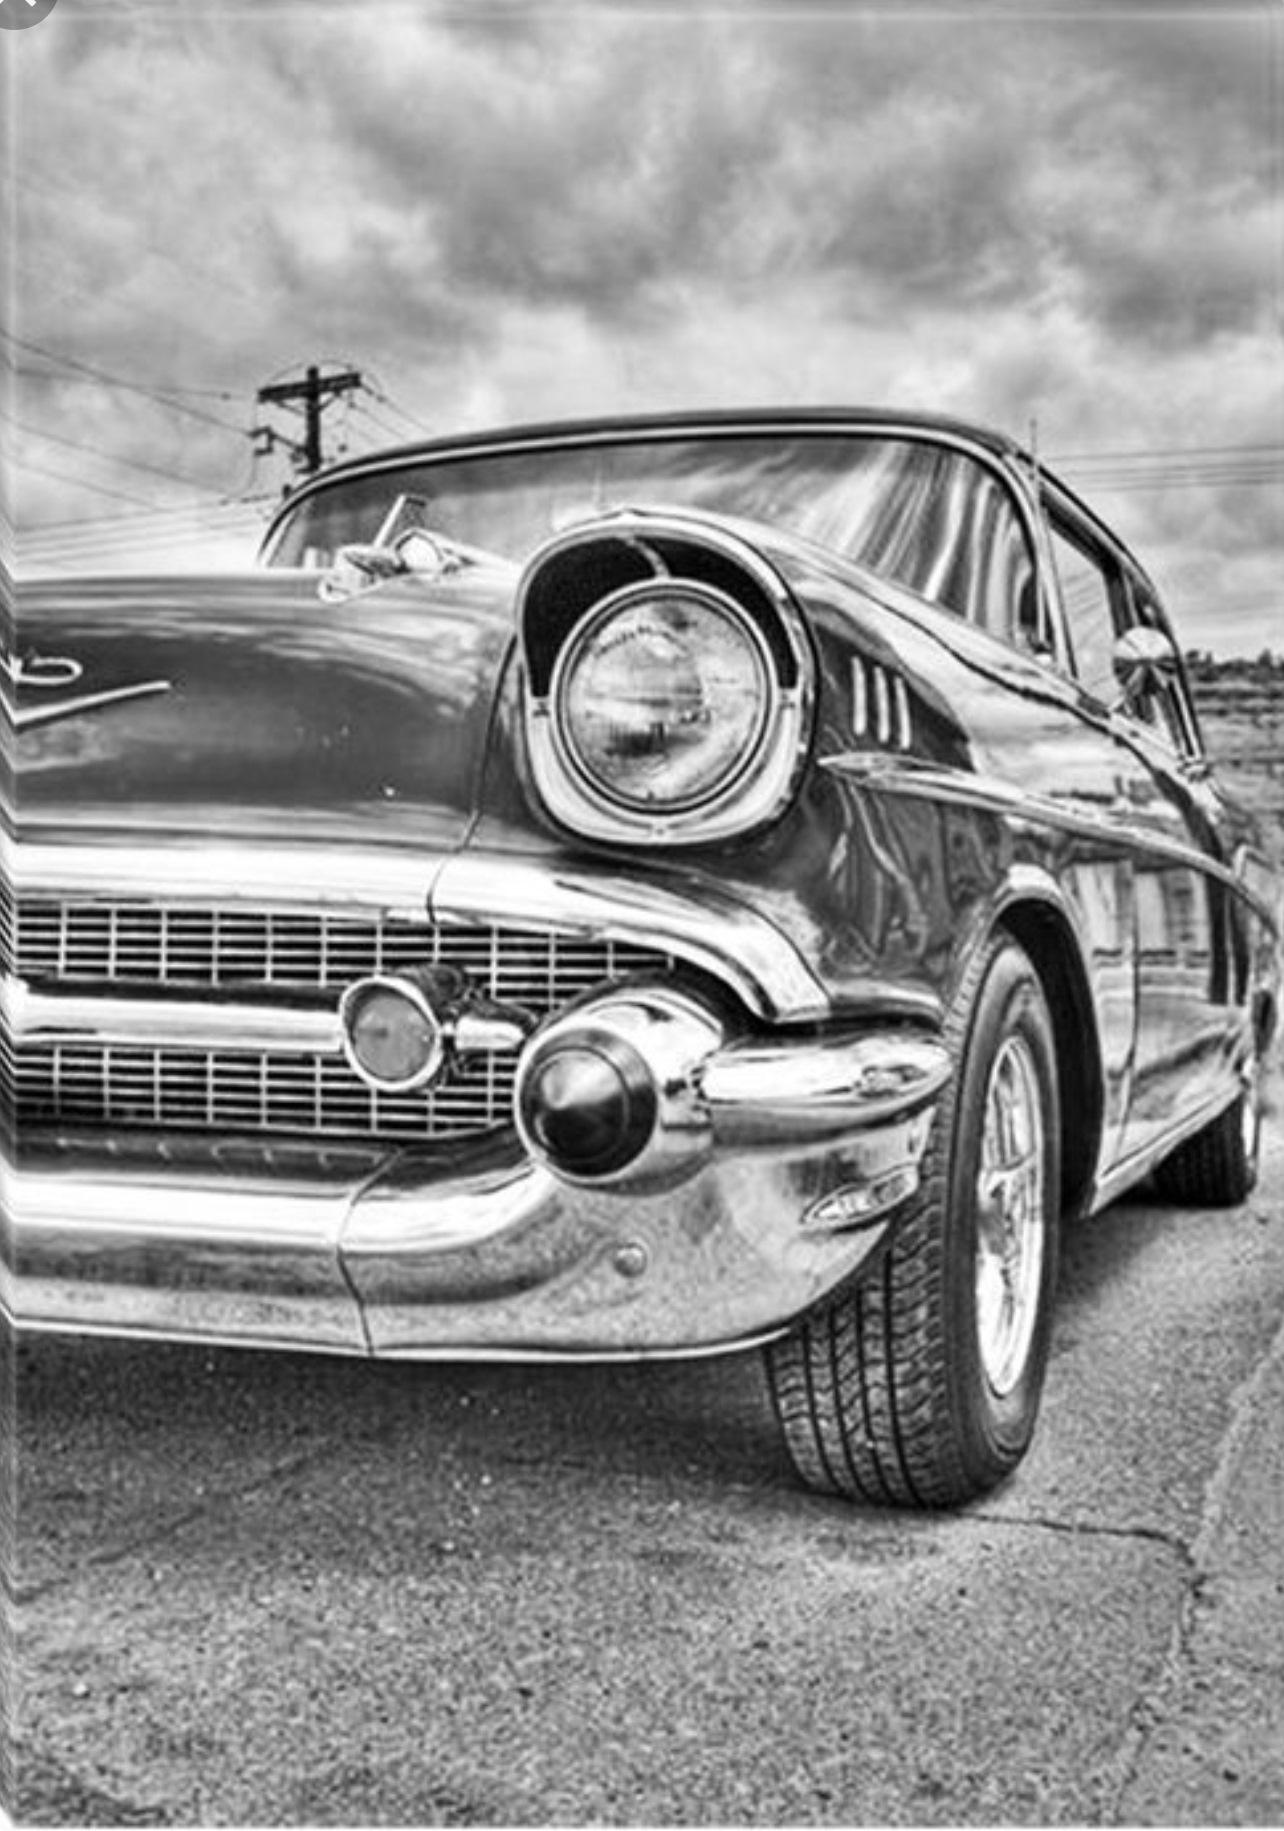 сегодня, праздник картинки ретро машин черно белые правилам